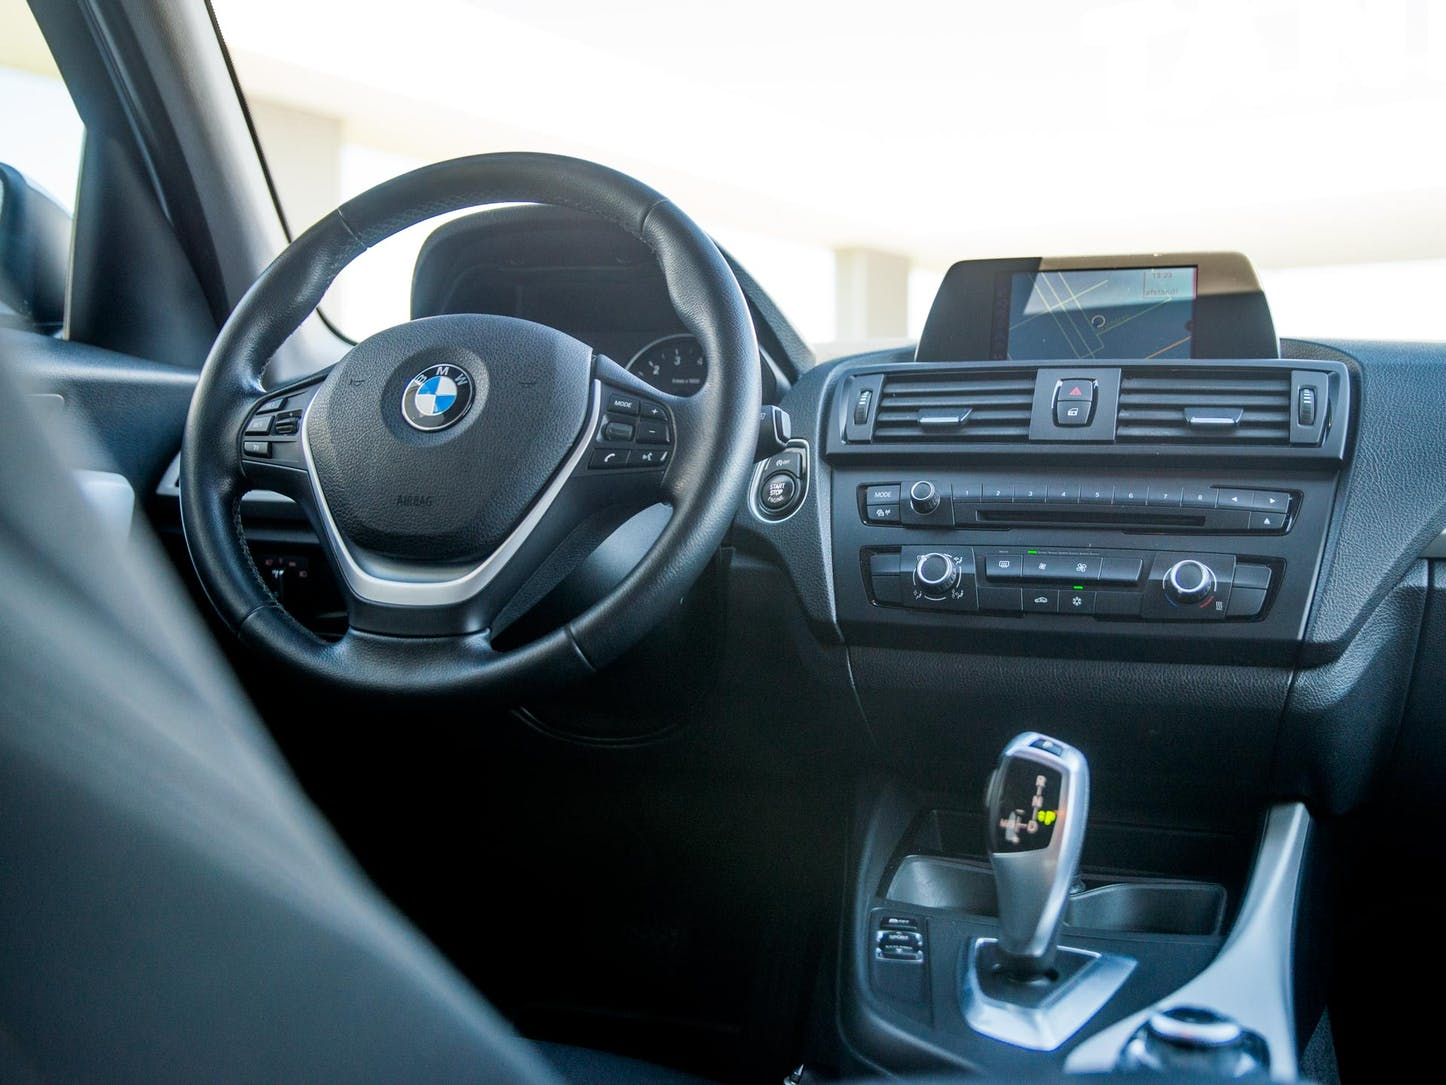 Tweedehands BMW 1 Serie 116i 2012 occason